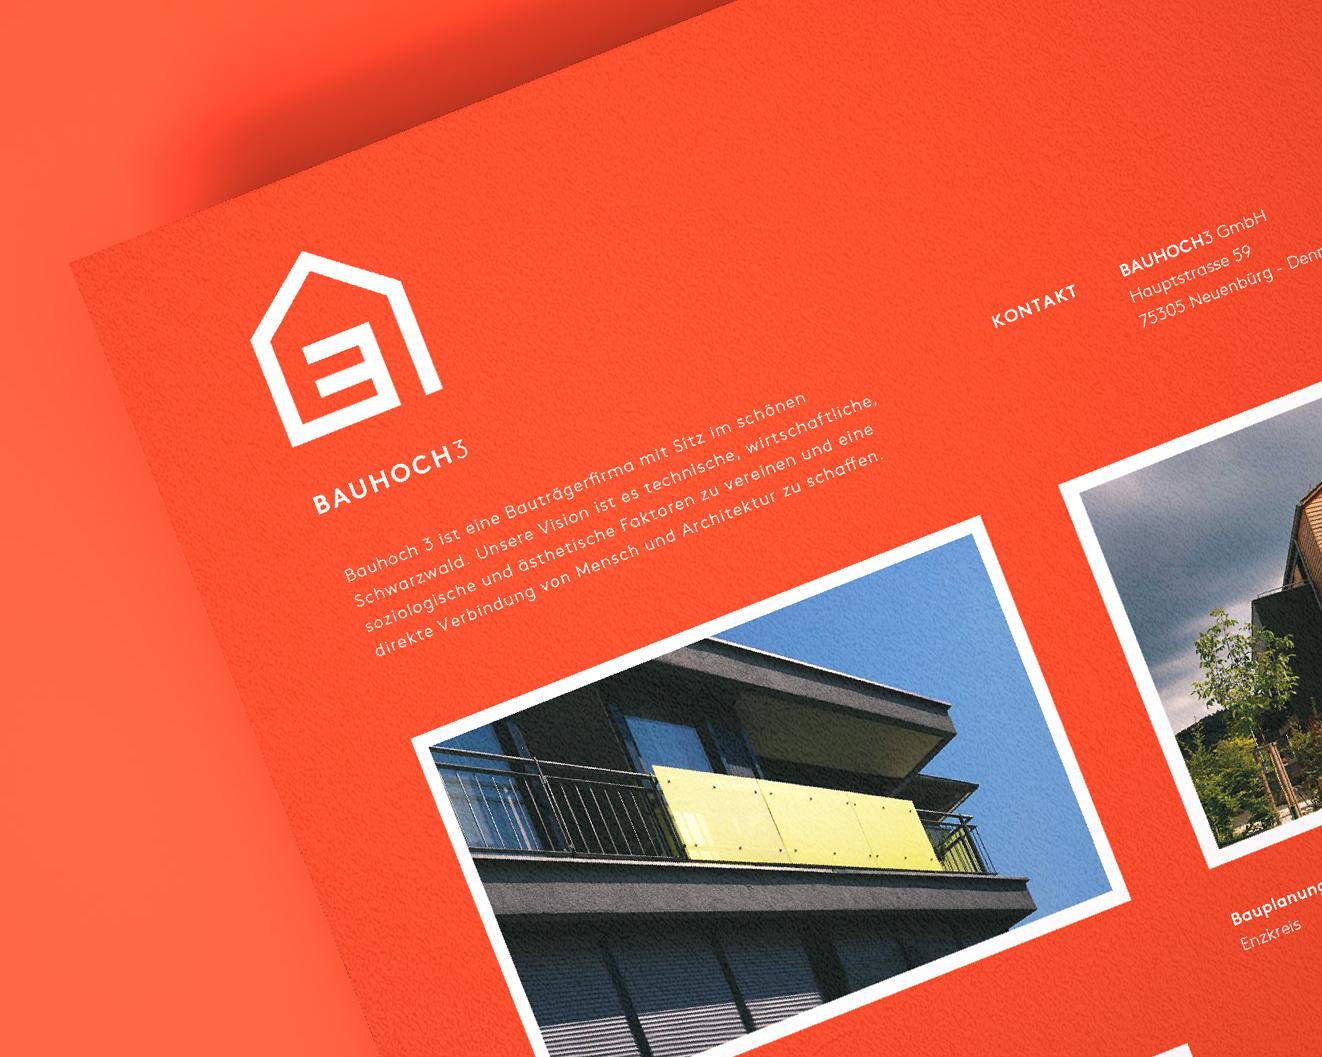 1.2DMBO-Studio-für-Gestaltung-bauhoch3-bau-hoch-3